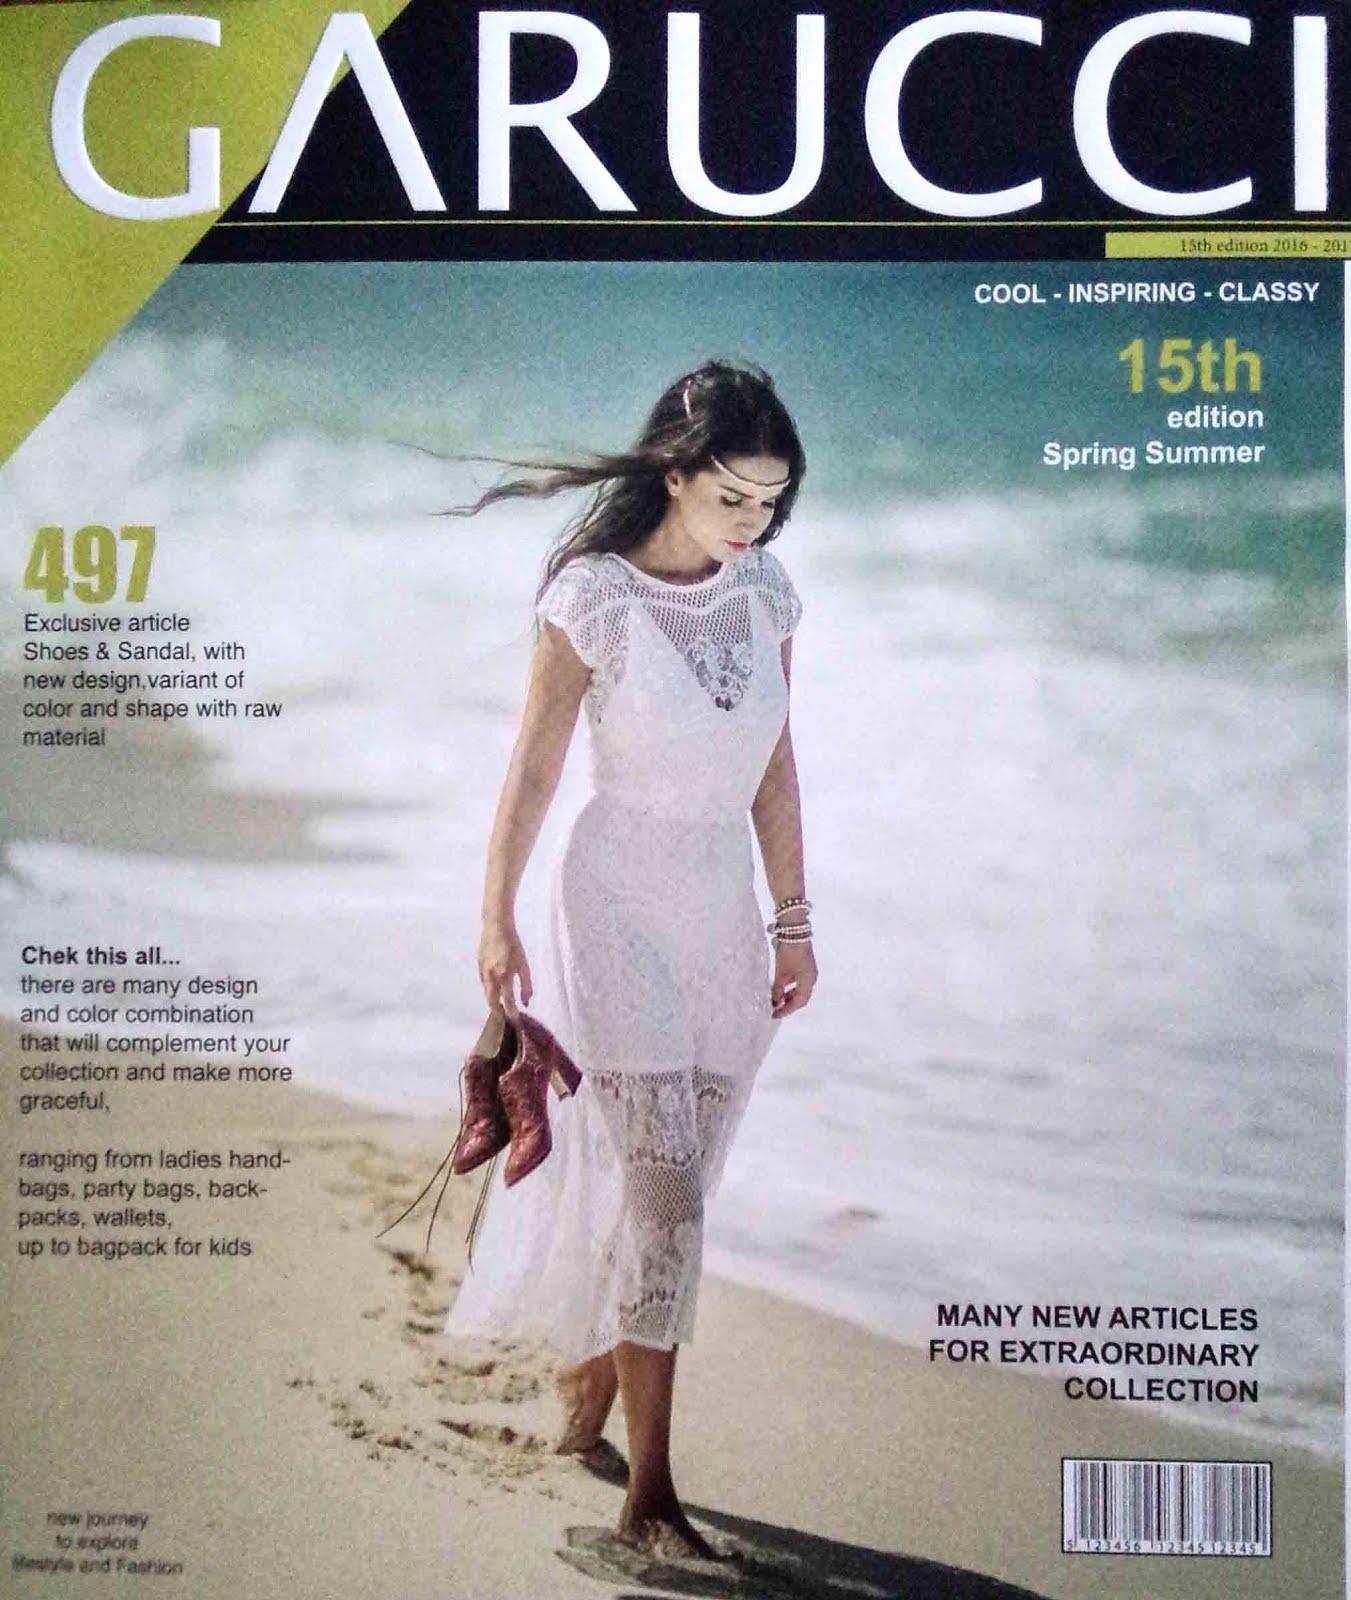 Katalog Garucci 2016-2017